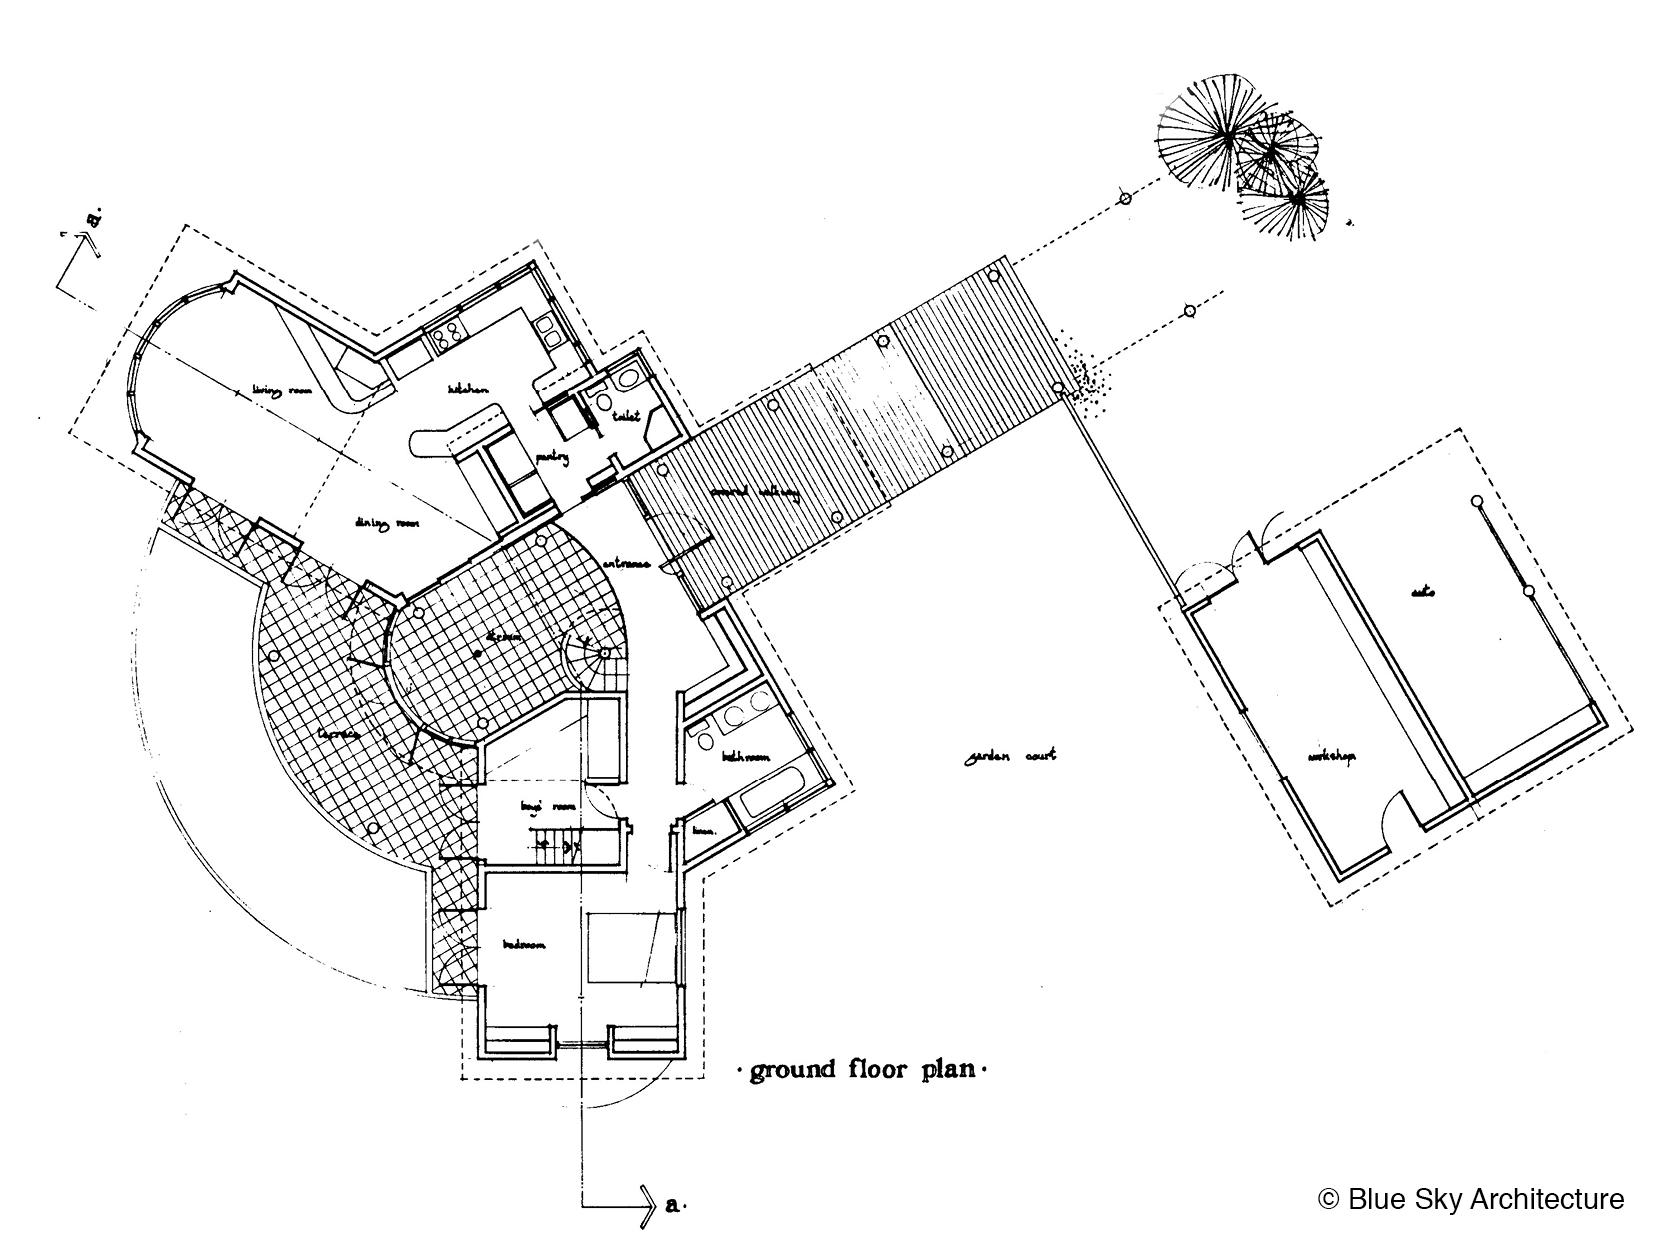 Gull Wing Floor Plan